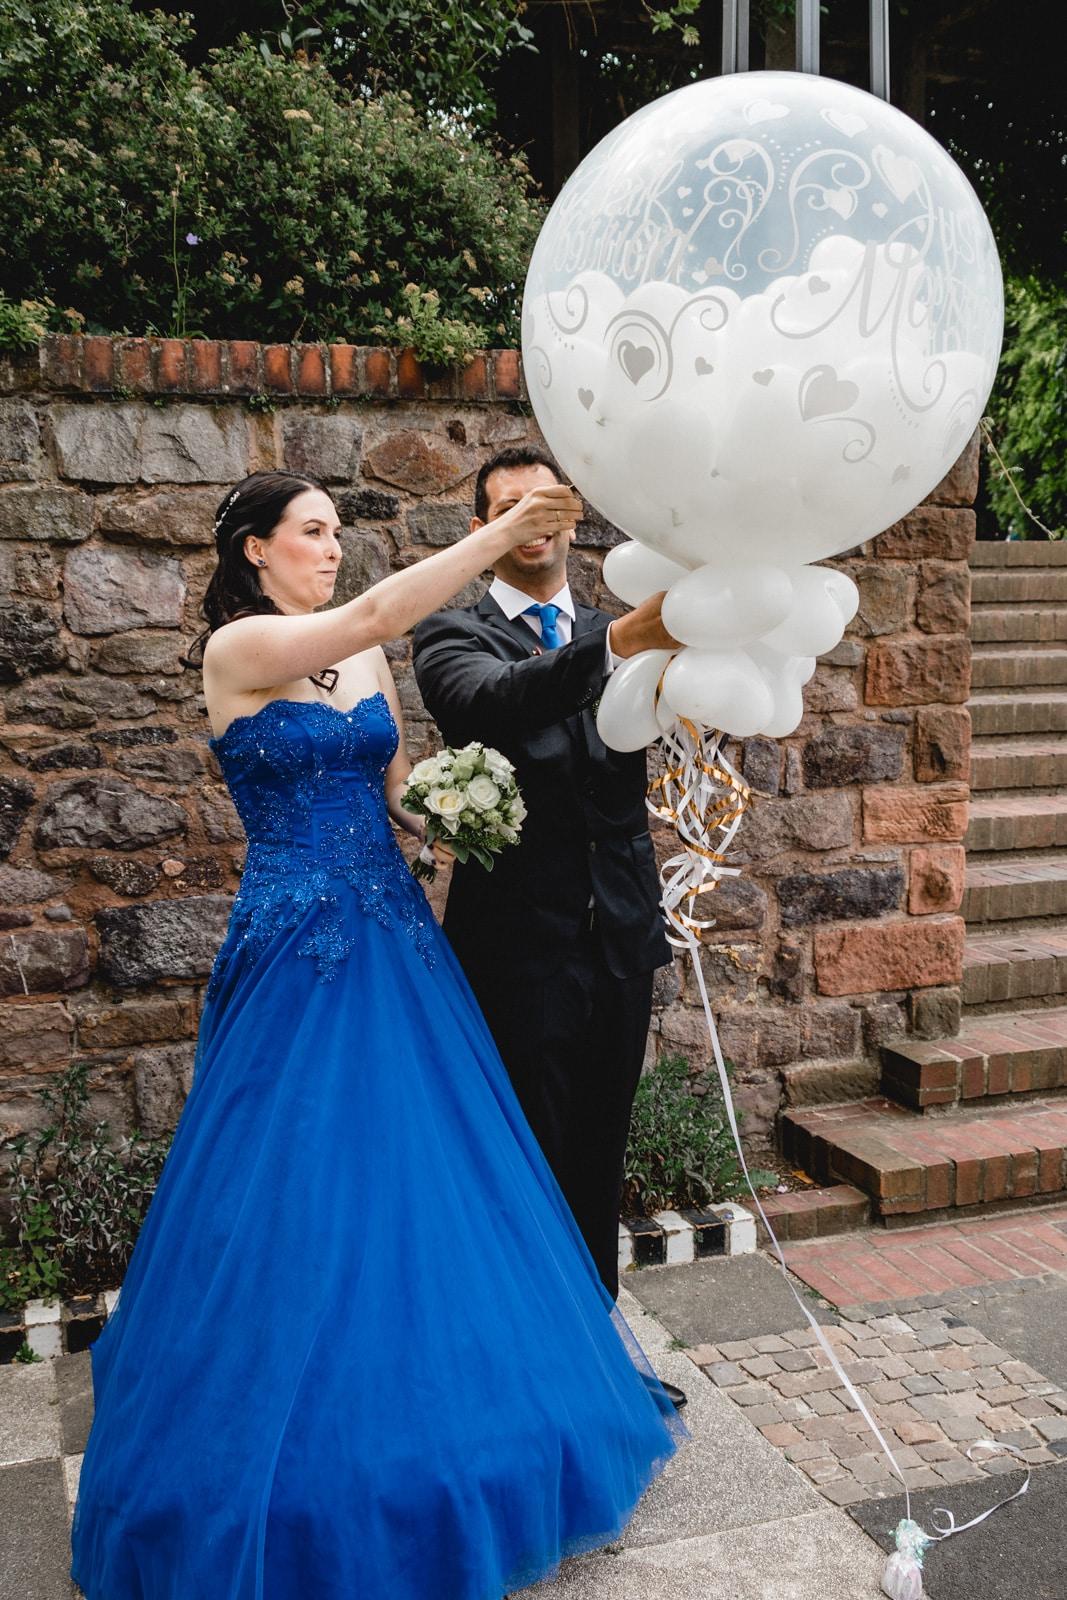 Brautpaar zersticht einen Luftballon und viele kleine weiße Herzluftballons fliegen weg